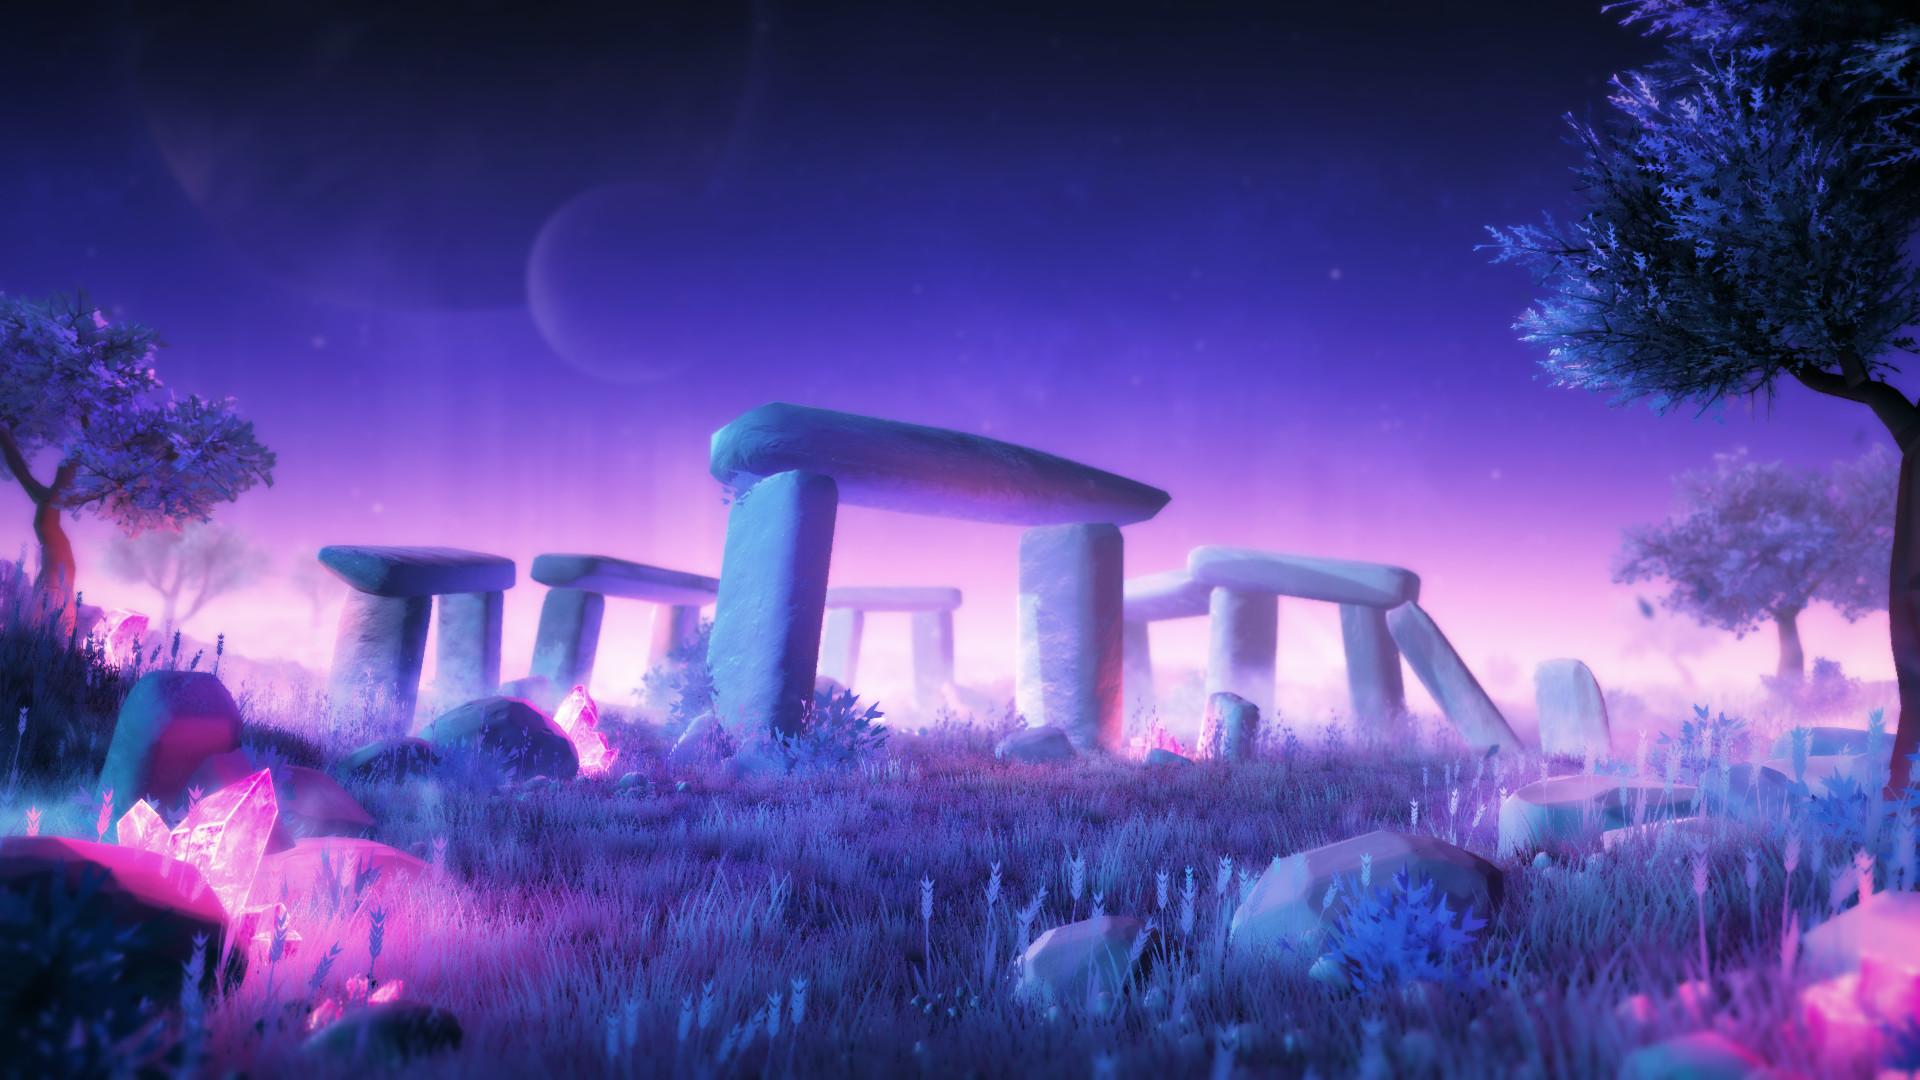 Zsolt Török - Unity Asset Packs - Dreamscapes | Nature